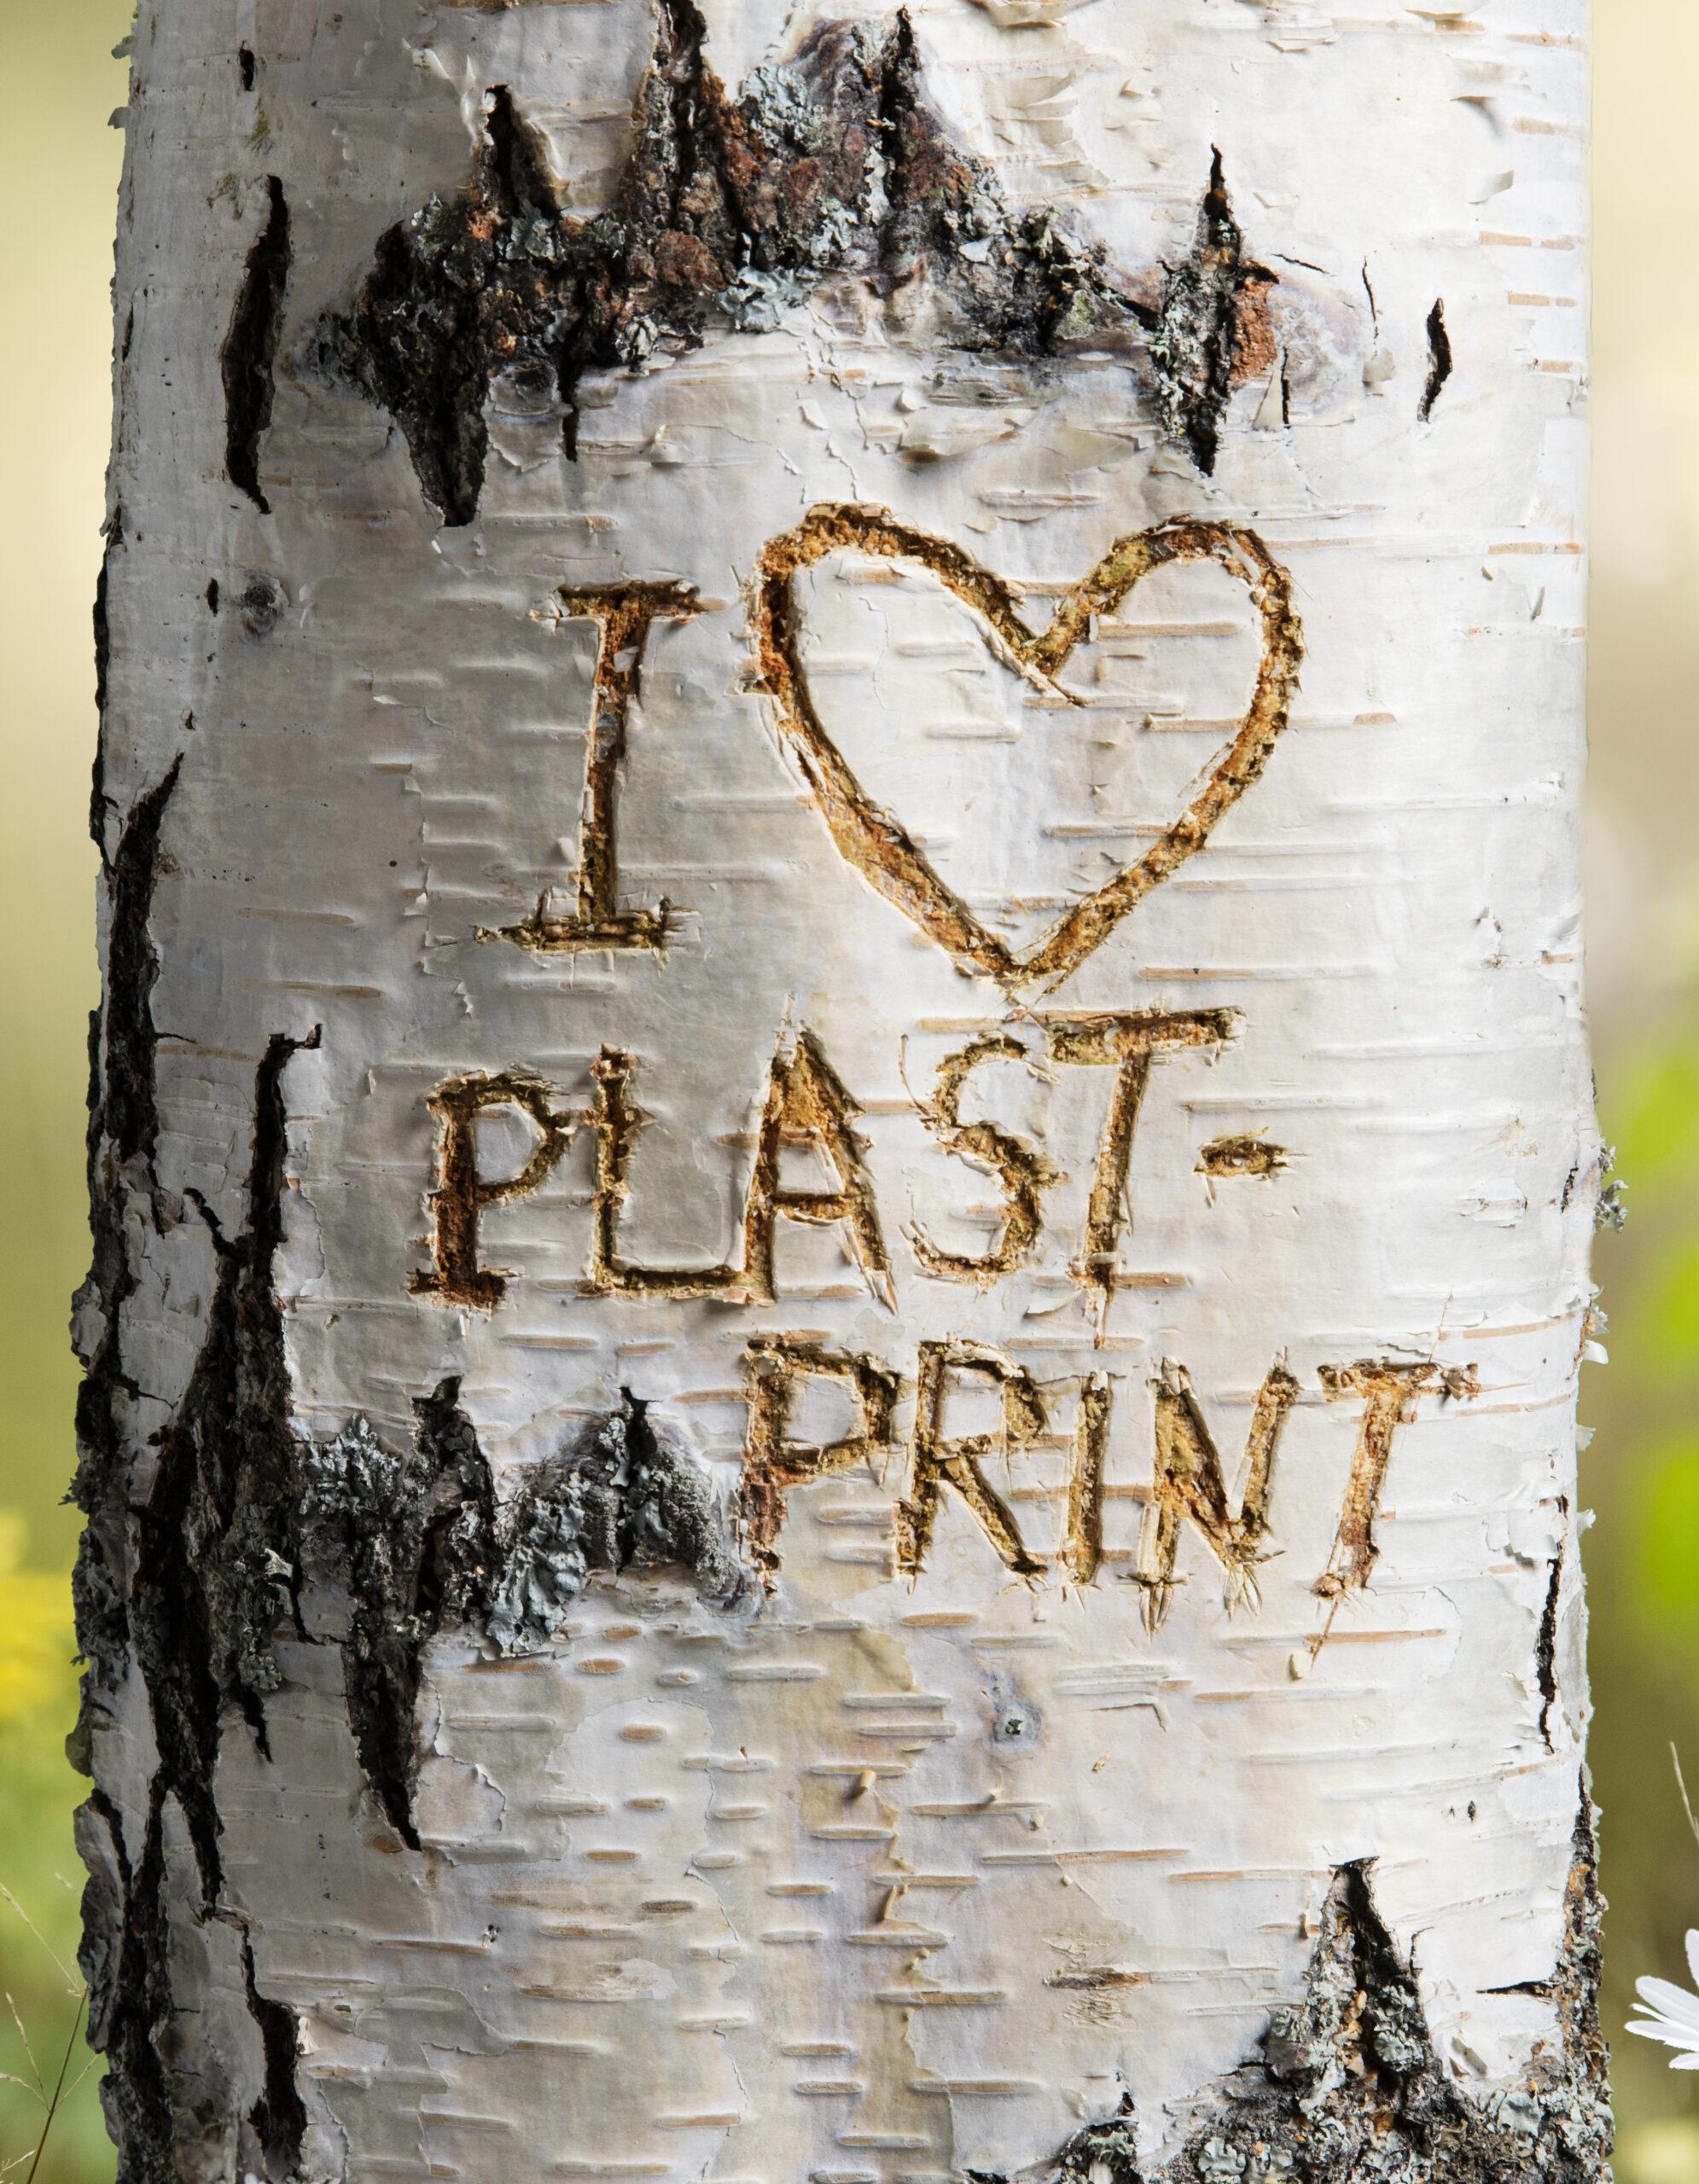 Reklamfotografering text i trädstam